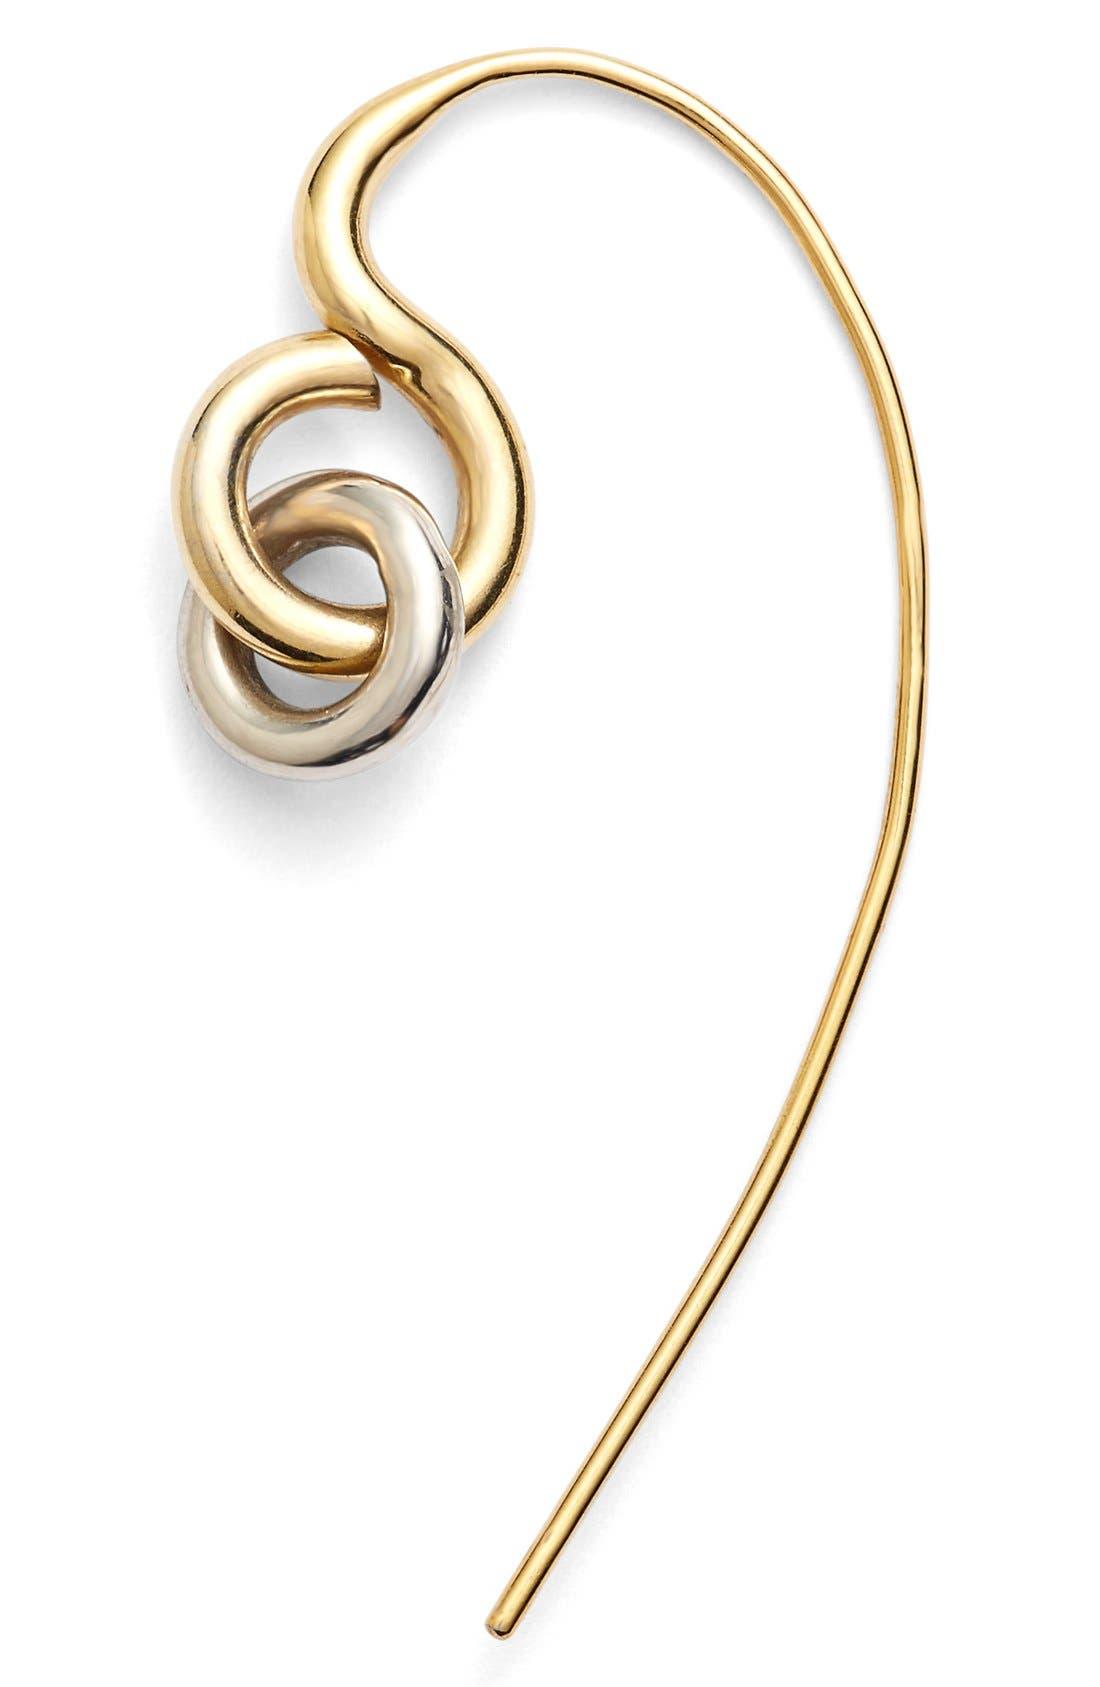 Alternate Image 1 Selected - Charlotte Chesnais 'Swing' Earring